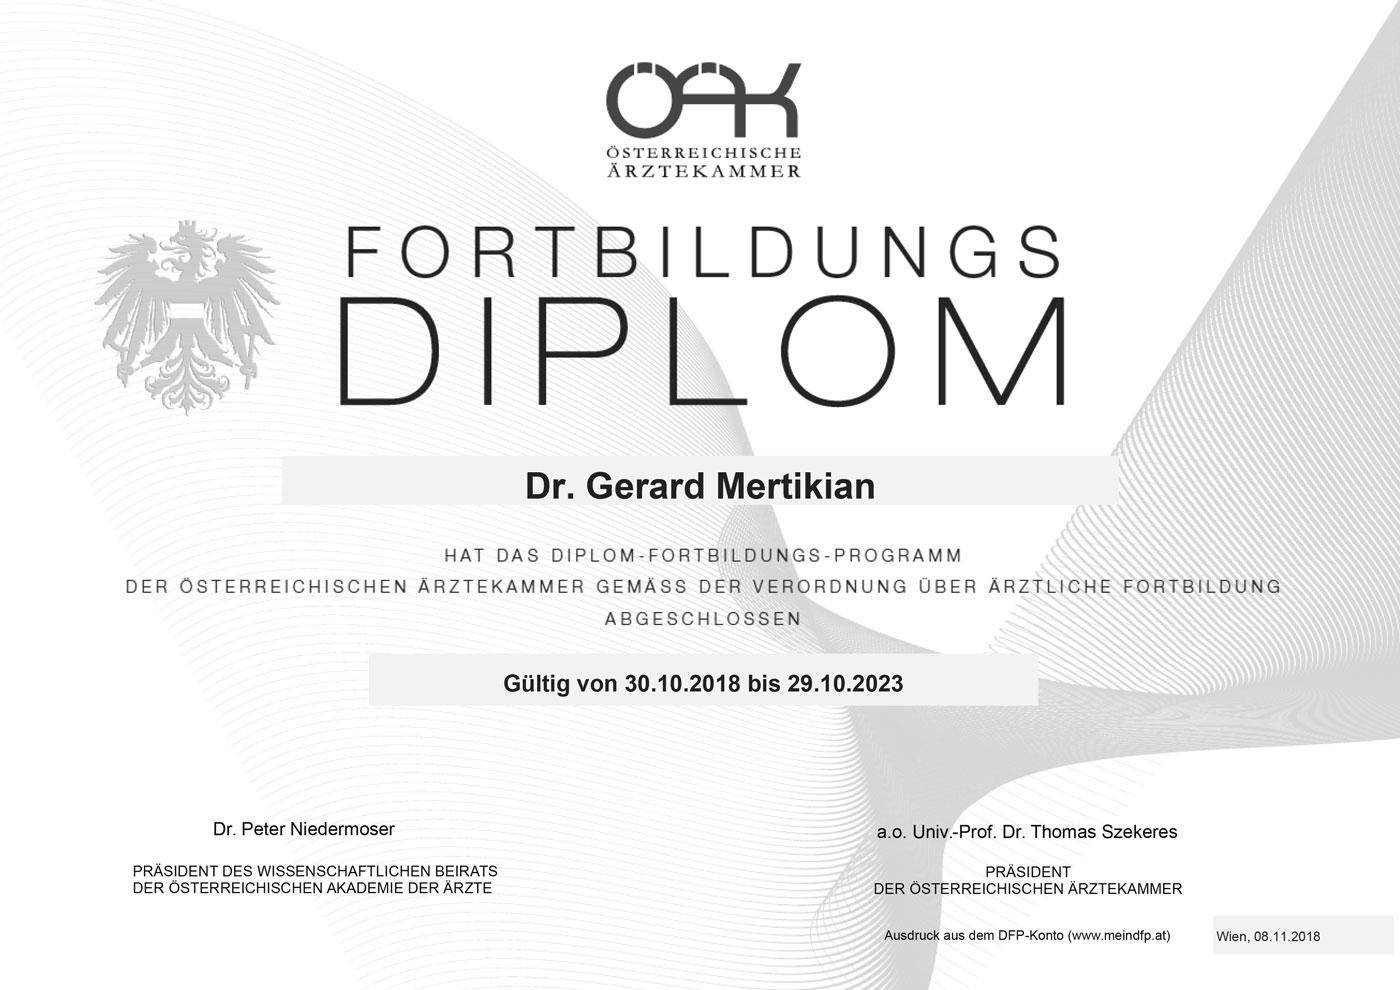 Dr. Gerard Mertikian | DFP-Diplom